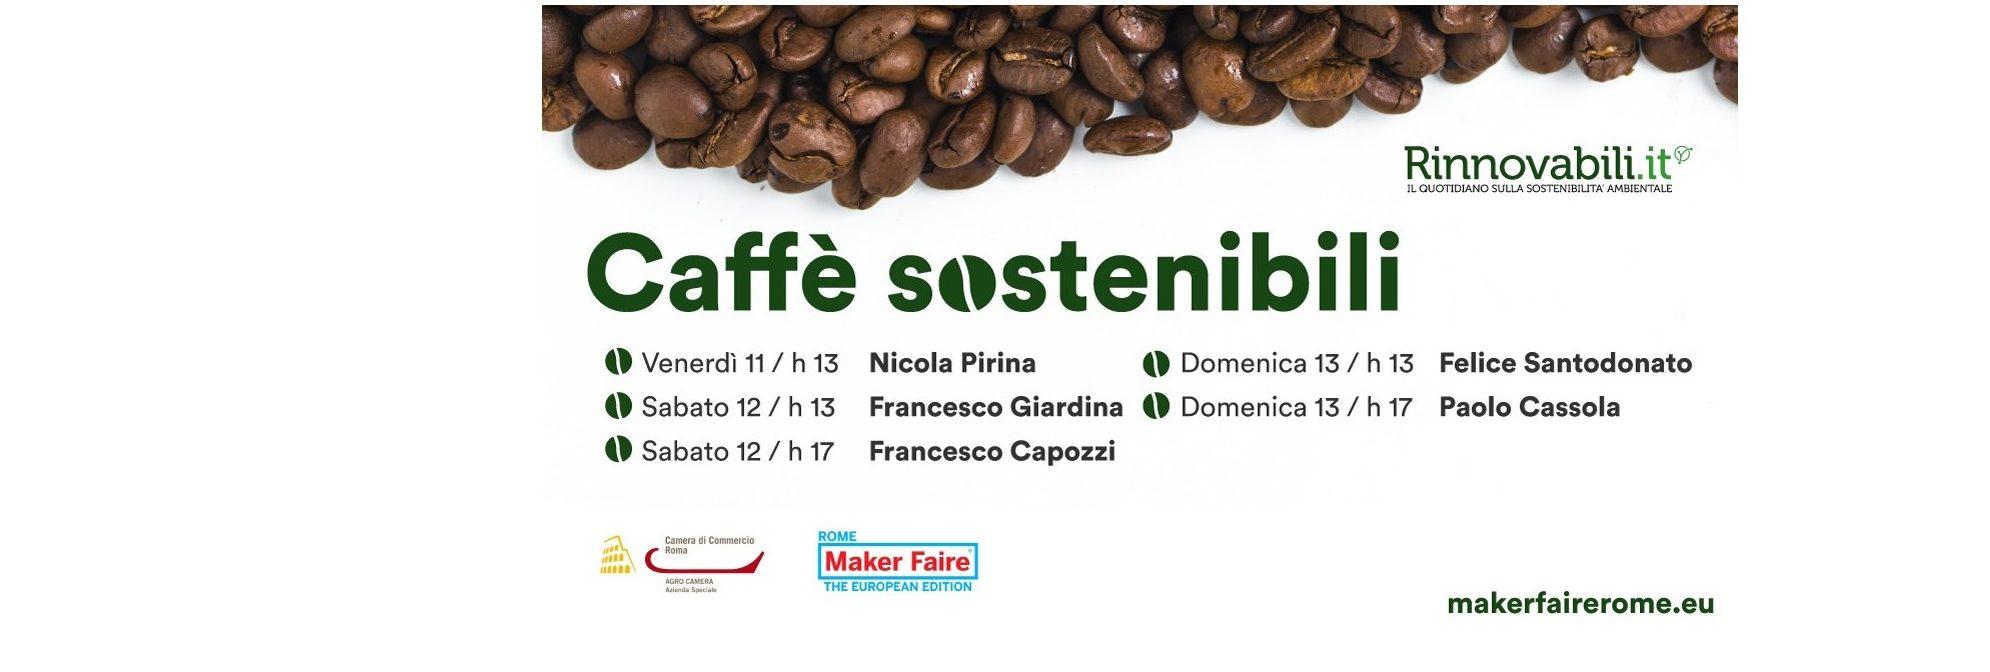 caffe sostenibili